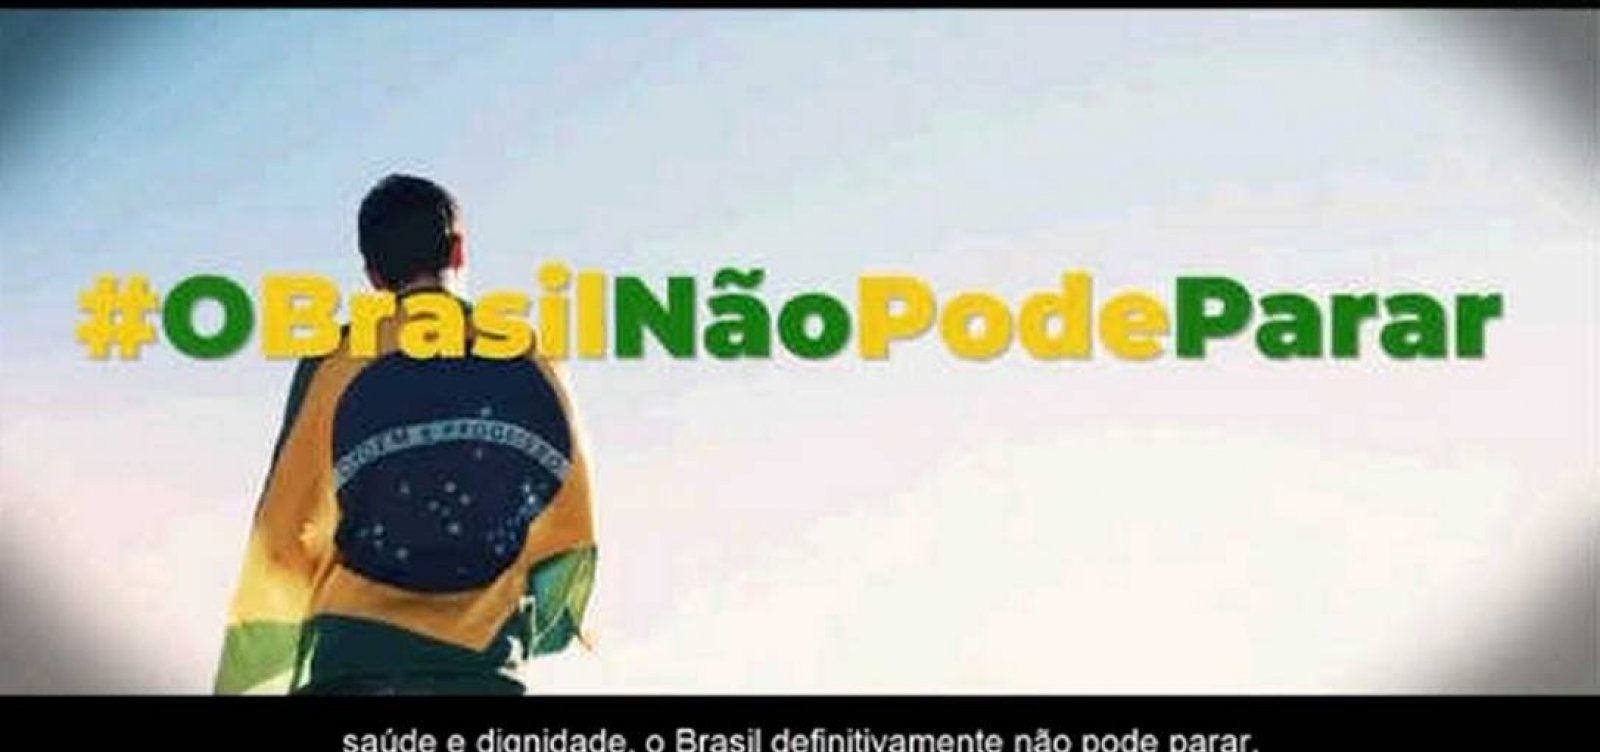 [Contratada sem licitação, campanha 'Brasil Não Pode Parar' vai custar R$ 4,8 milhões]